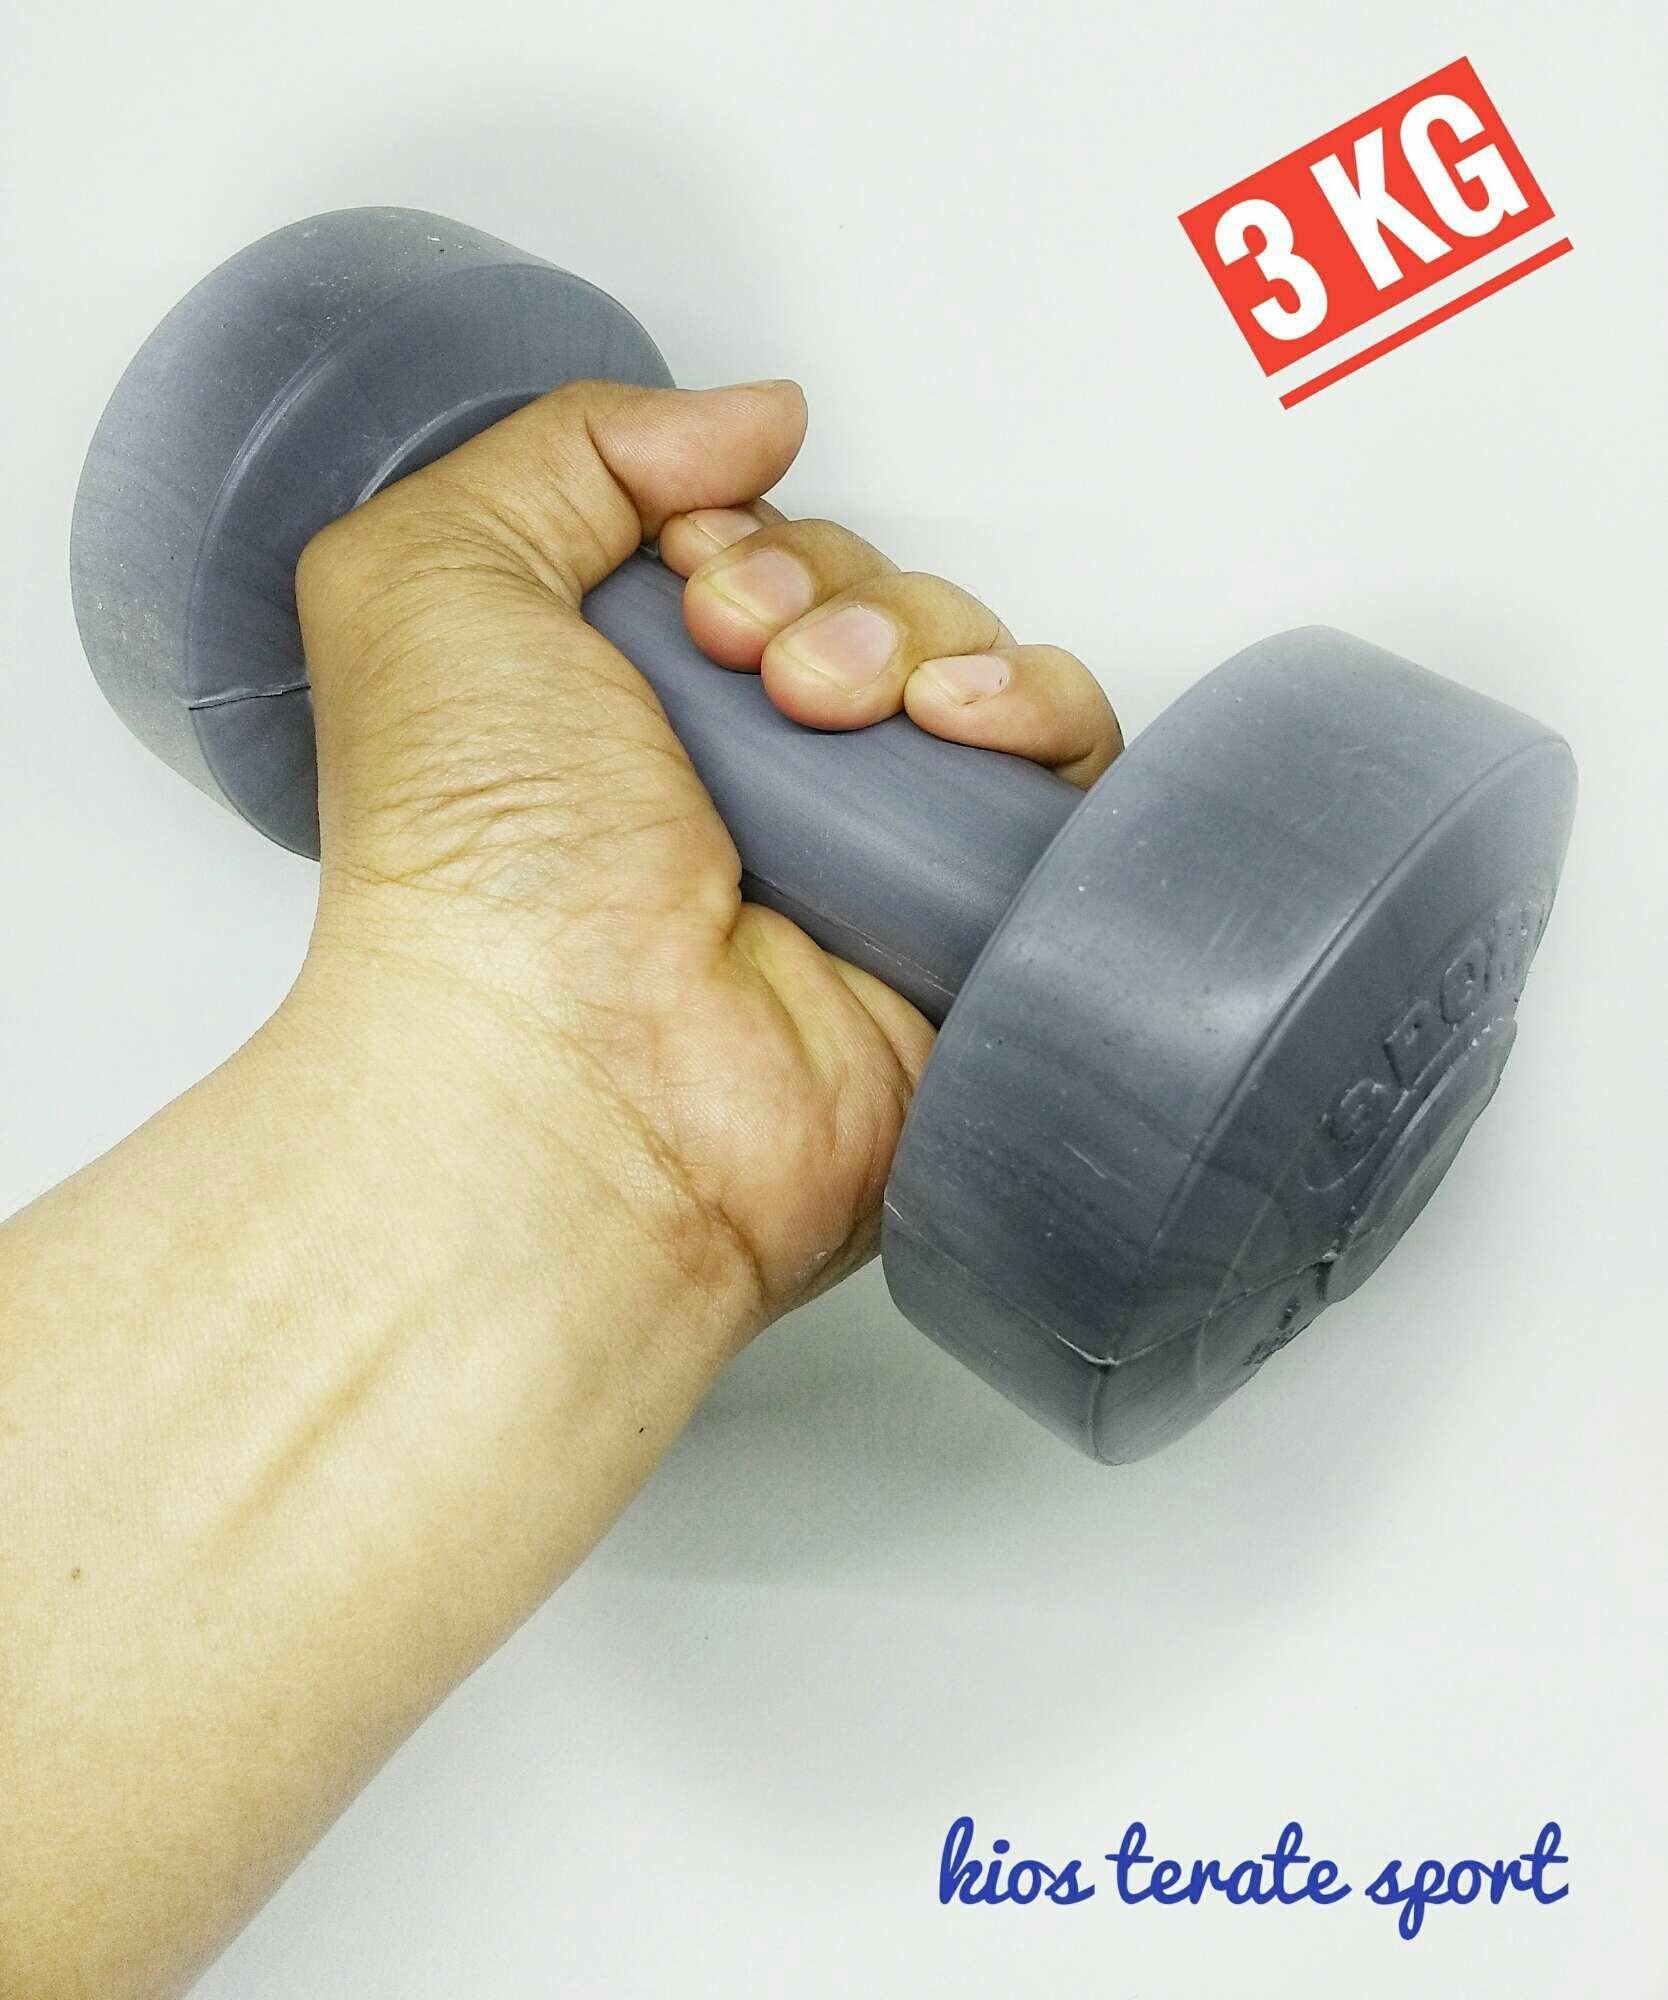 Jual Barbel 5kg Pemberat Tangan Alat Fitness Harga Rp 40500 Baarbeel 3kg Dumble